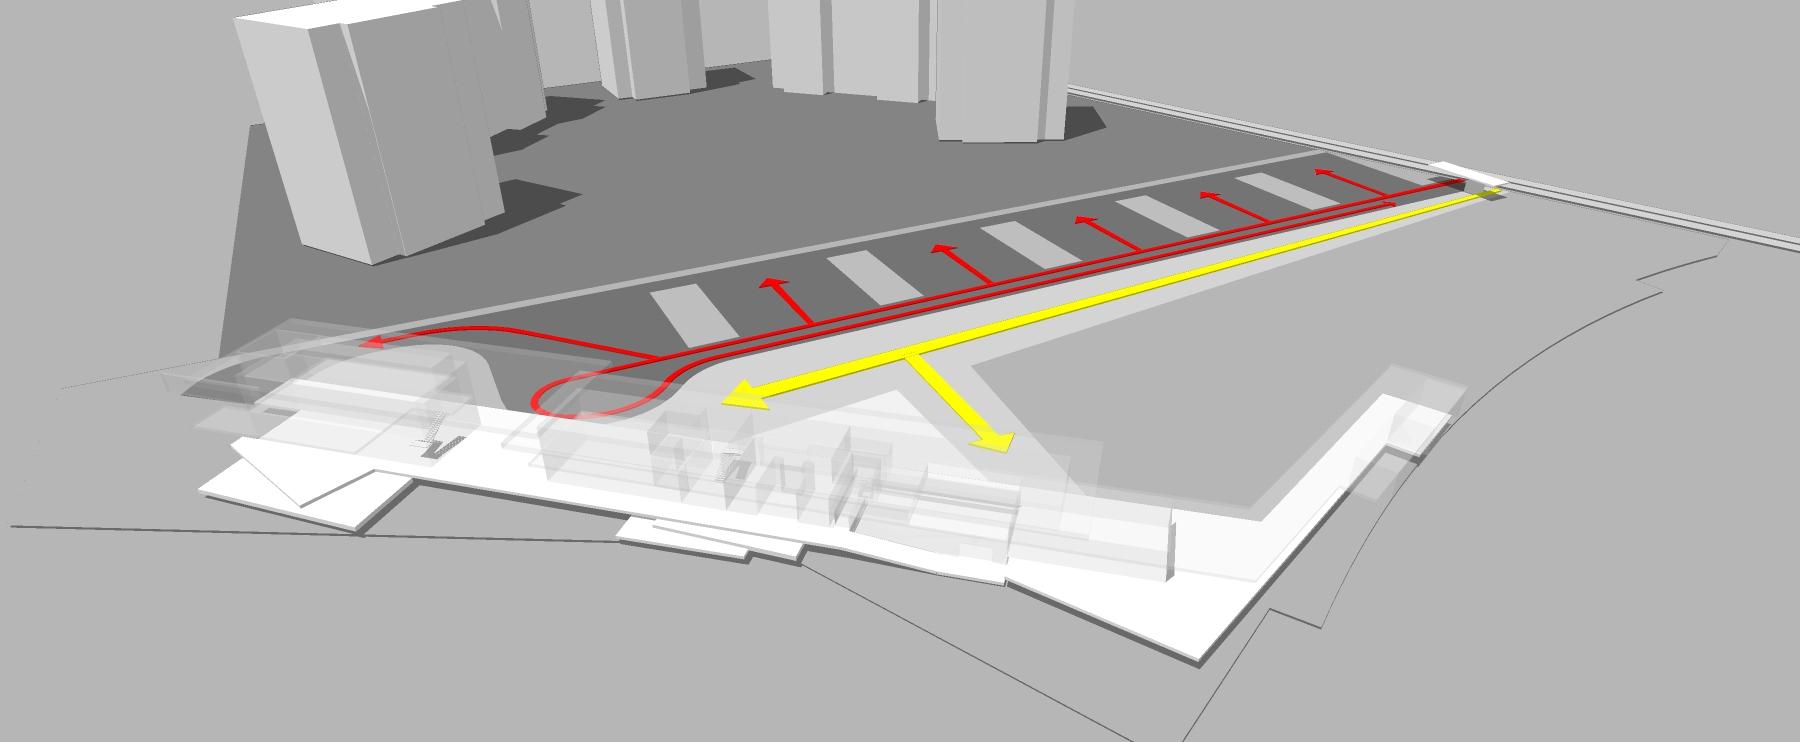 diagramas de fluxos